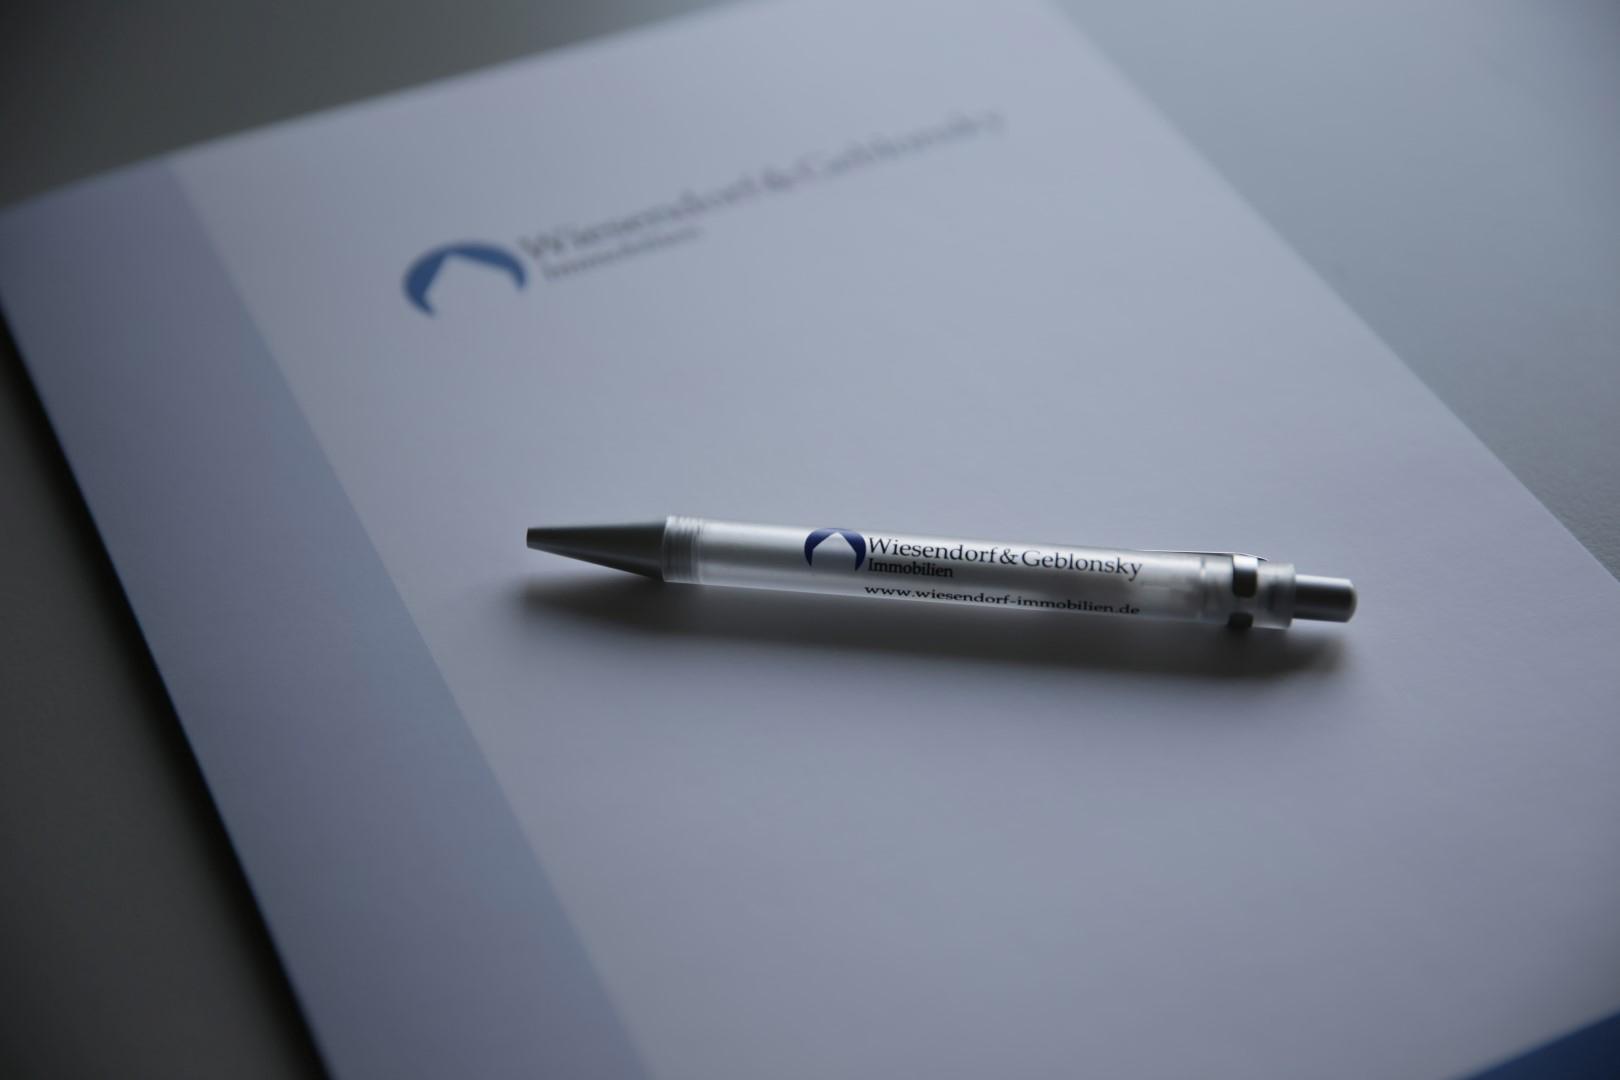 Das Bild zeigt einen Schreibblock mit dem Logo von Wiesendorf & Geblonsky Immobilien GbR auf dem ein Kugelschreiber liegt